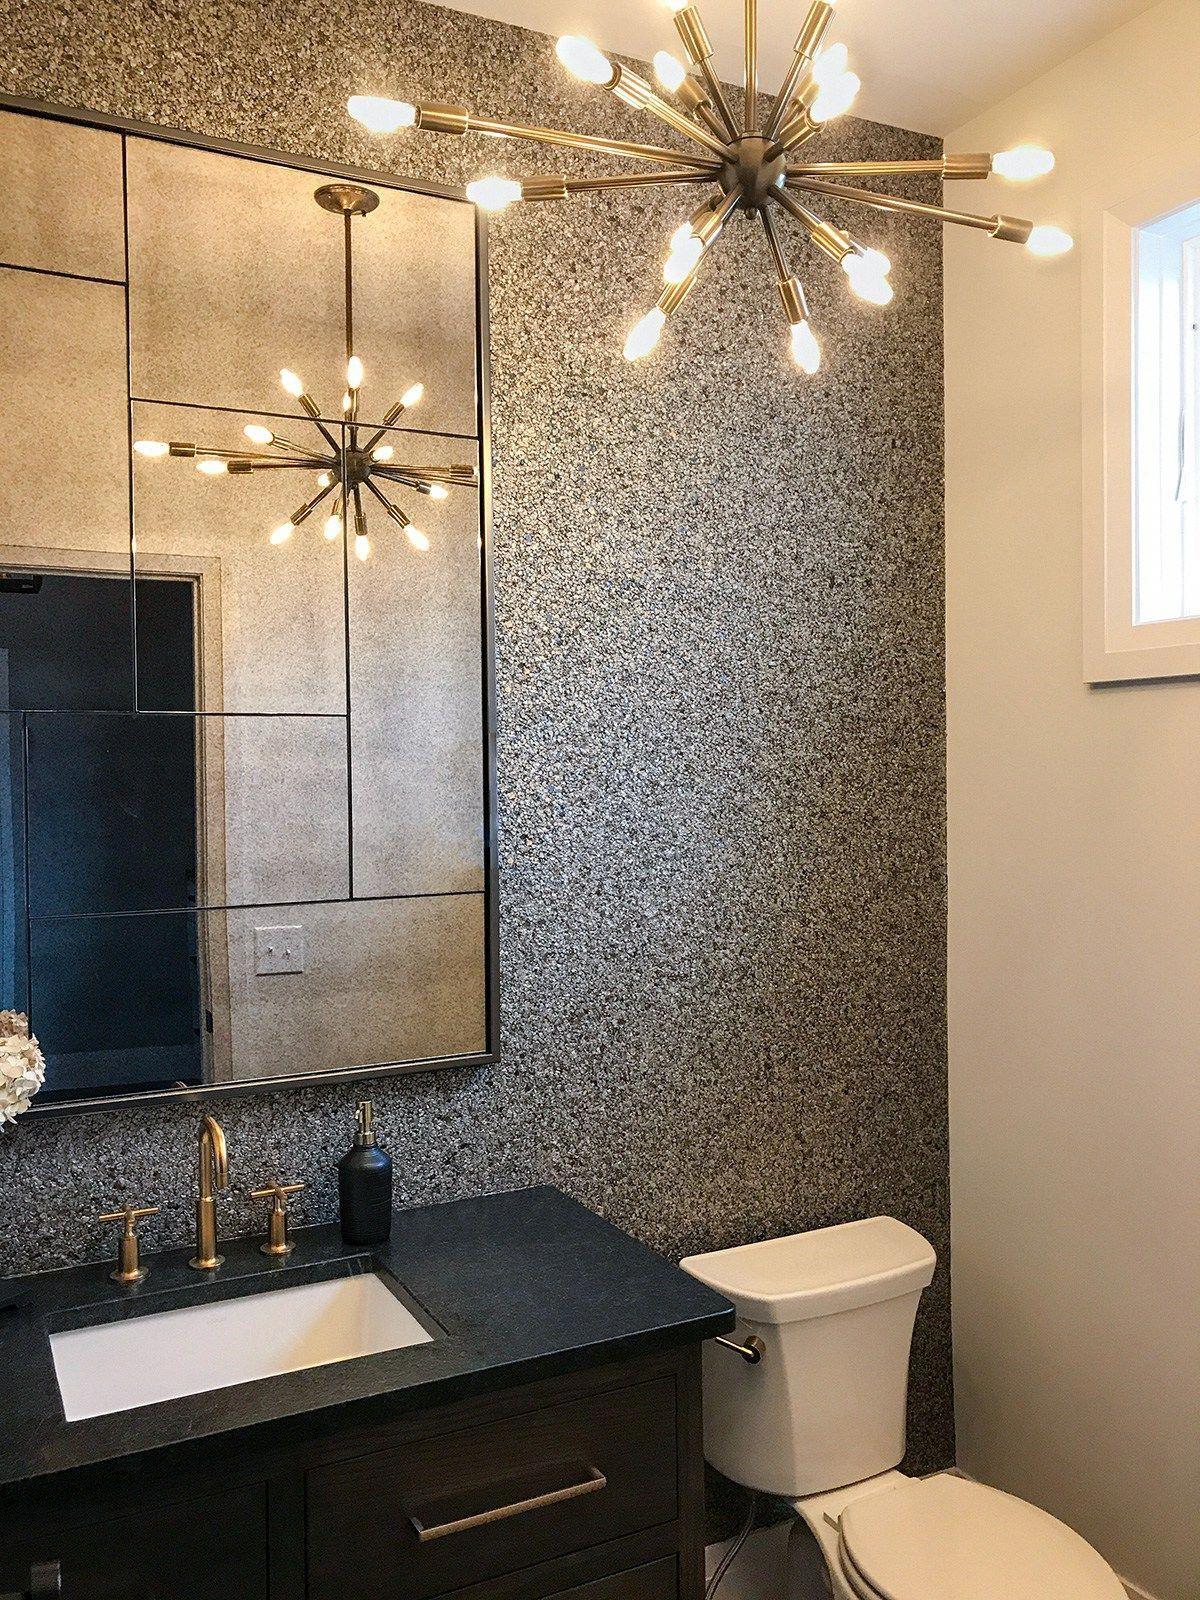 A Bathroom In The Tropics With Images Diy Bathroom Remodel Bathroom Redecorating Unique Bathroom